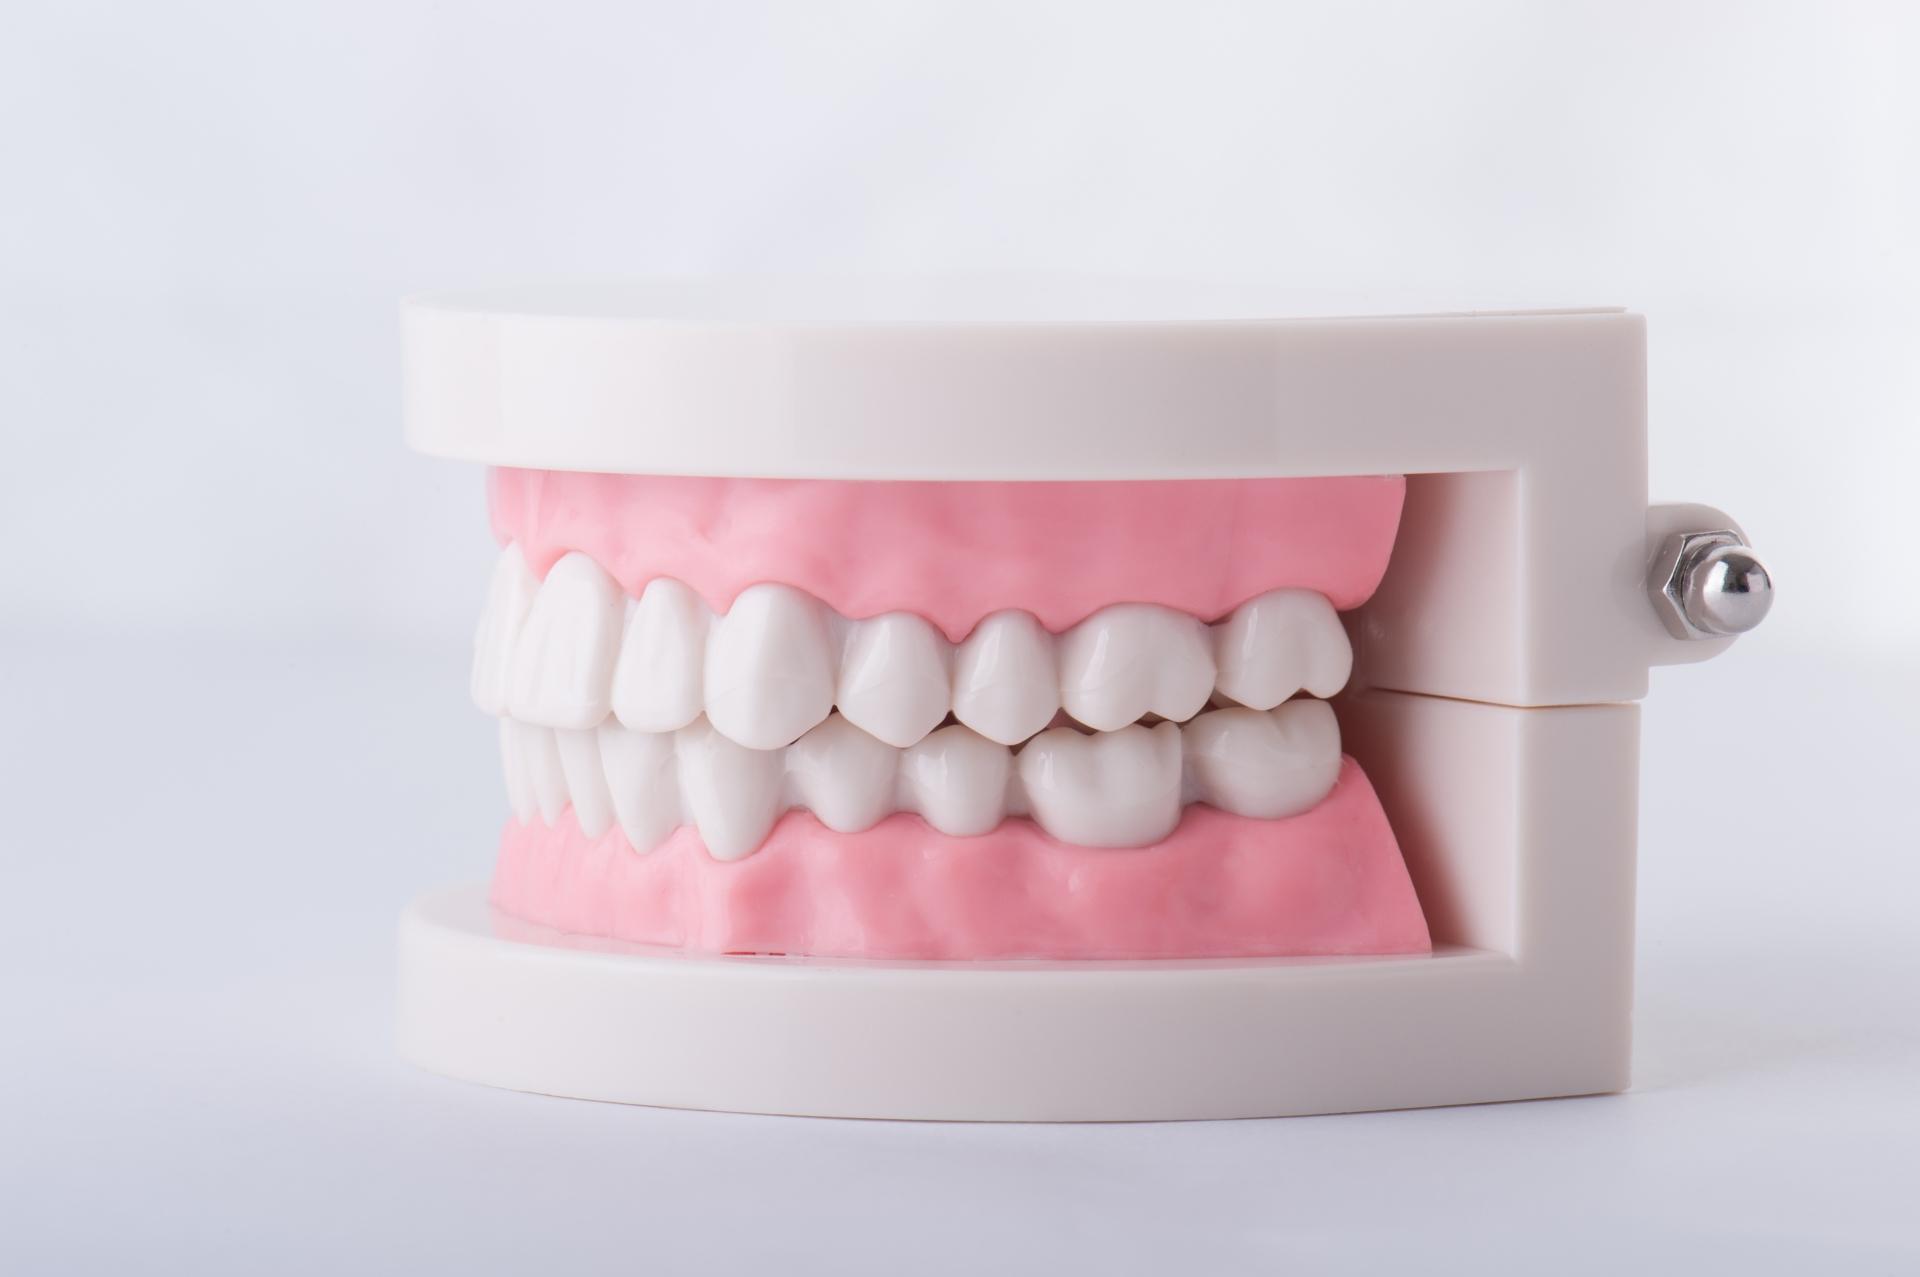 神経が無い歯、失活歯を白くするホワイトニング方法とは